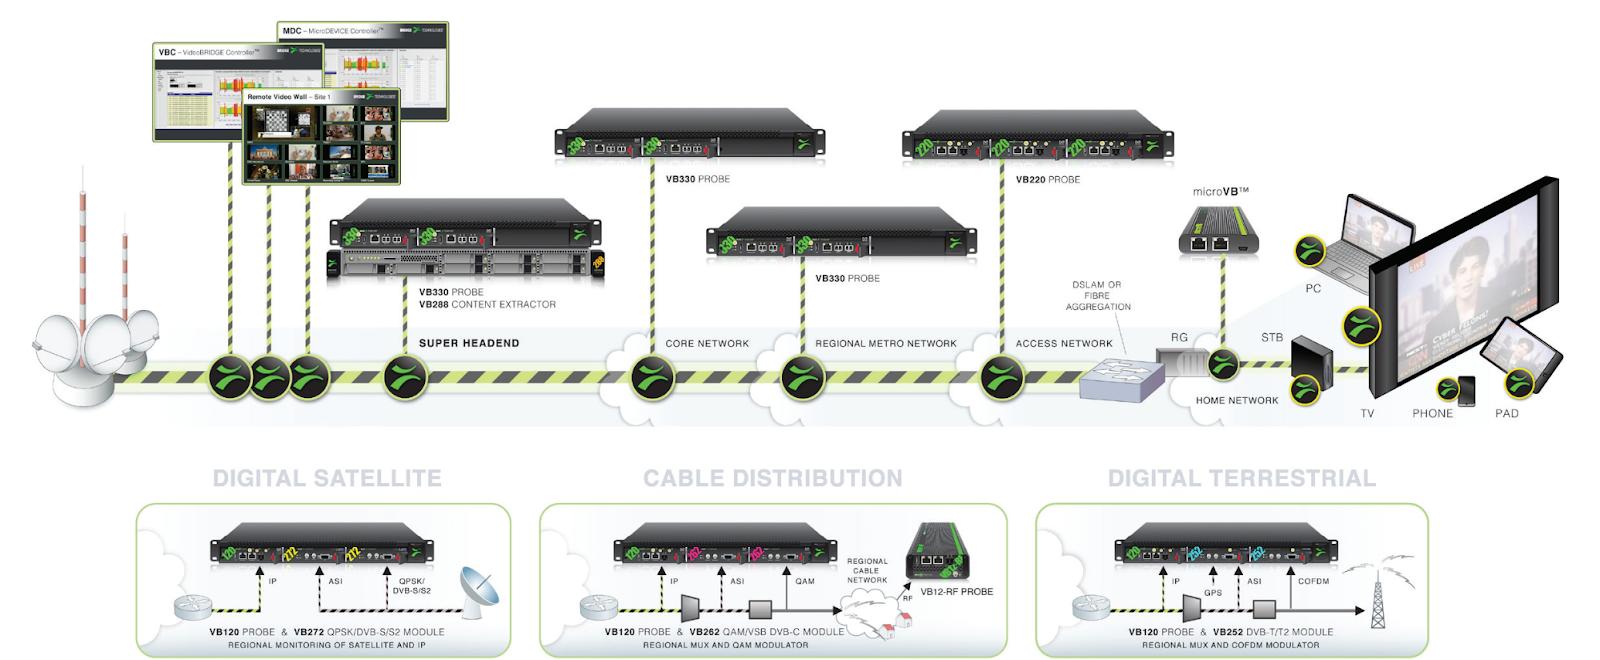 Exemplos de configurações usando os probes da Bridge Technologies